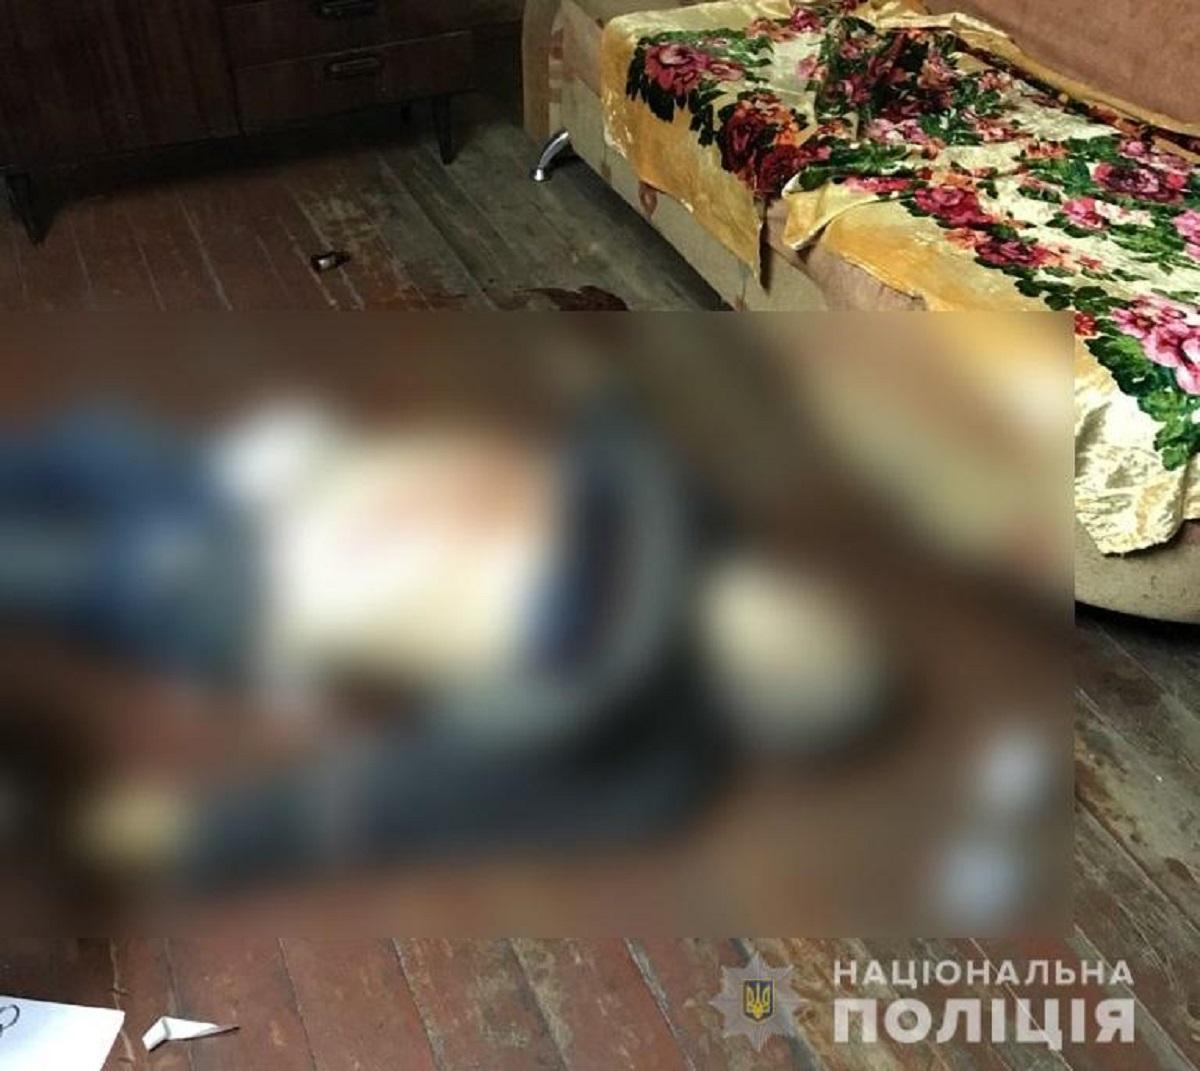 Мужчина умер от ножевого ранения в сердце / фото - kv.npu.gov.ua